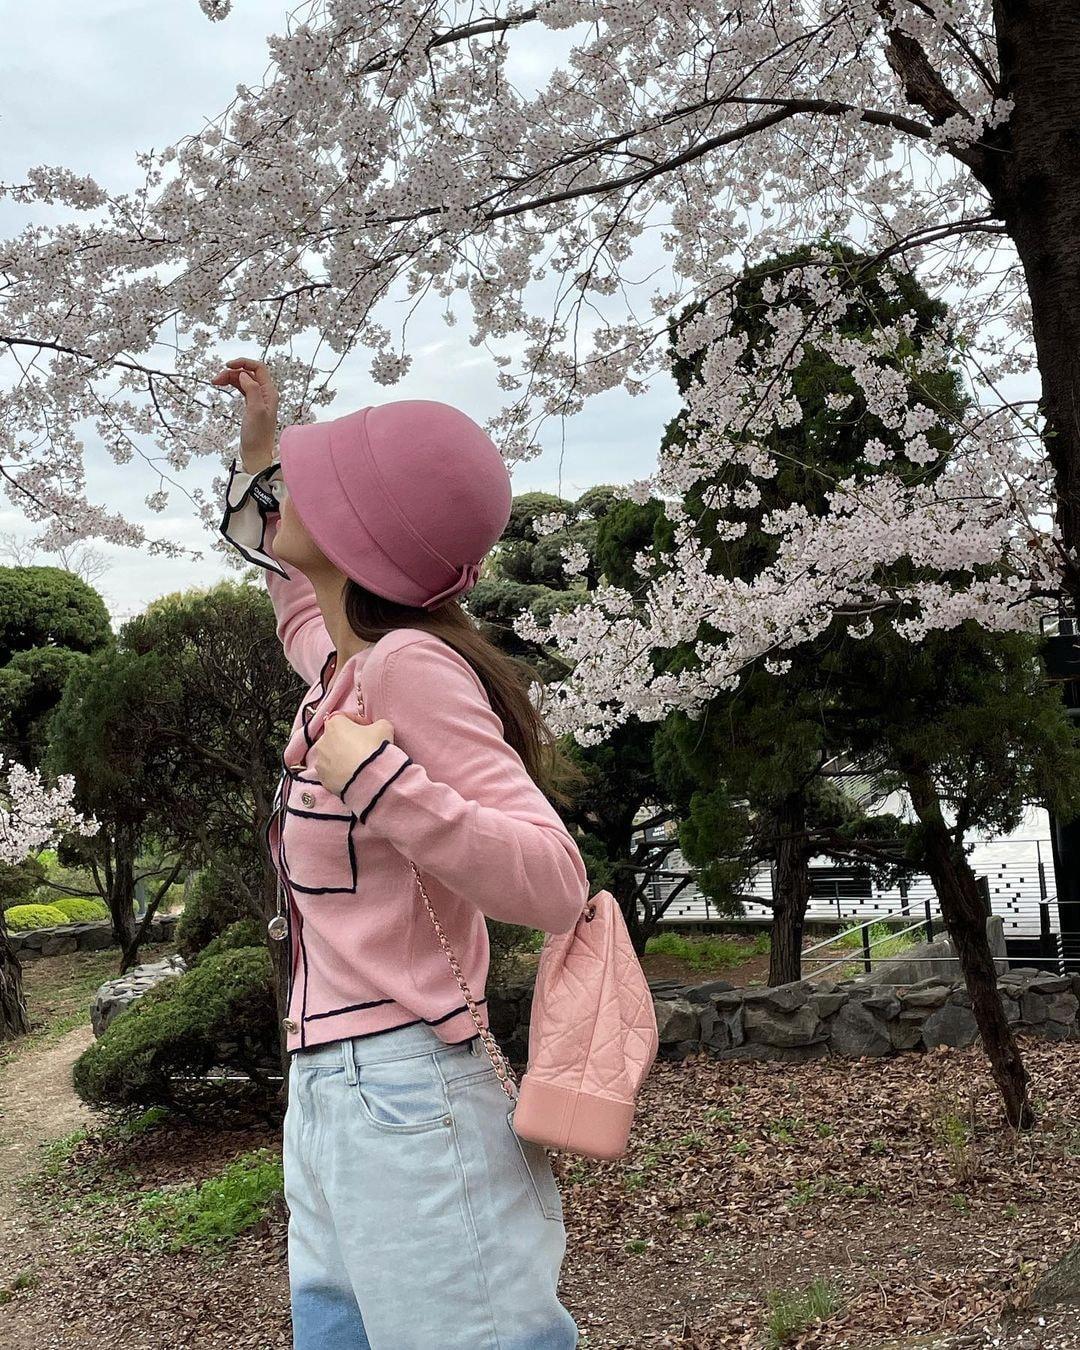 Dàn mỹ nhân K-Pop ngắm hoa anh đào: Jennie (BLACKPINK) nổi nhất nhờ trang phục thời thượng ảnh 8